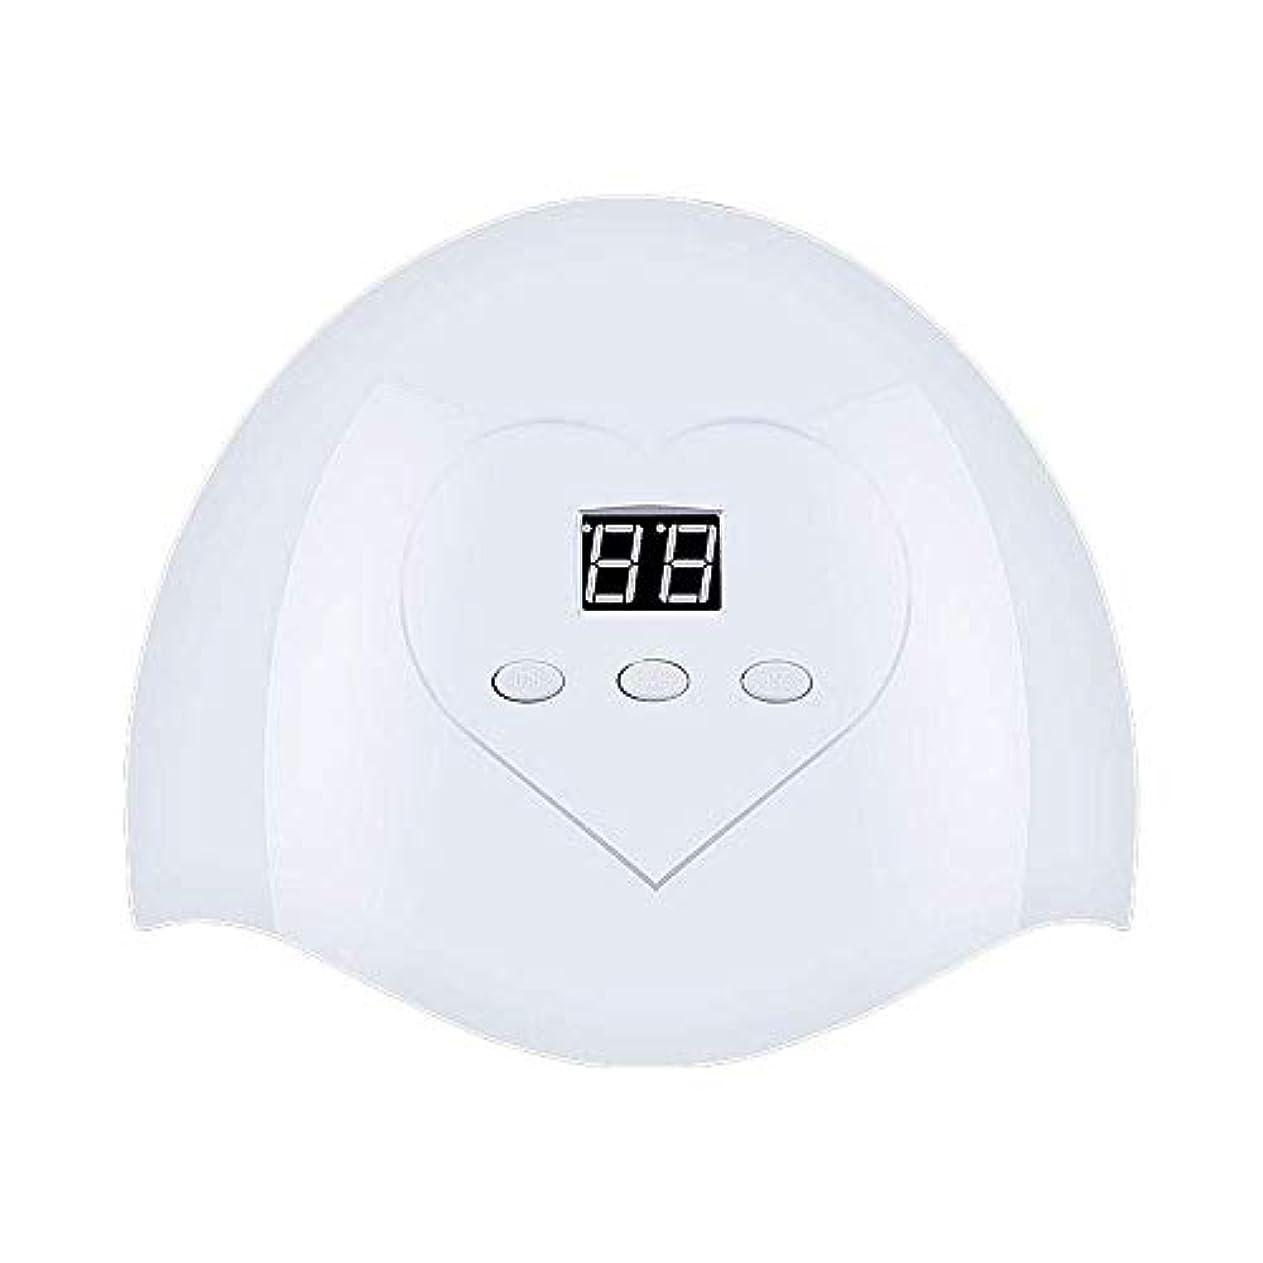 偽善者ウェーハ接尾辞DHINGM ネイルランプ、高速、非常にエネルギー効率と耐久性のある快適な非UVホワイトライト、いいえ瞳傷害、36W、12 UV + LEDデュアルLED光源、インテリジェントオートセンシング(なしスイッチ)、